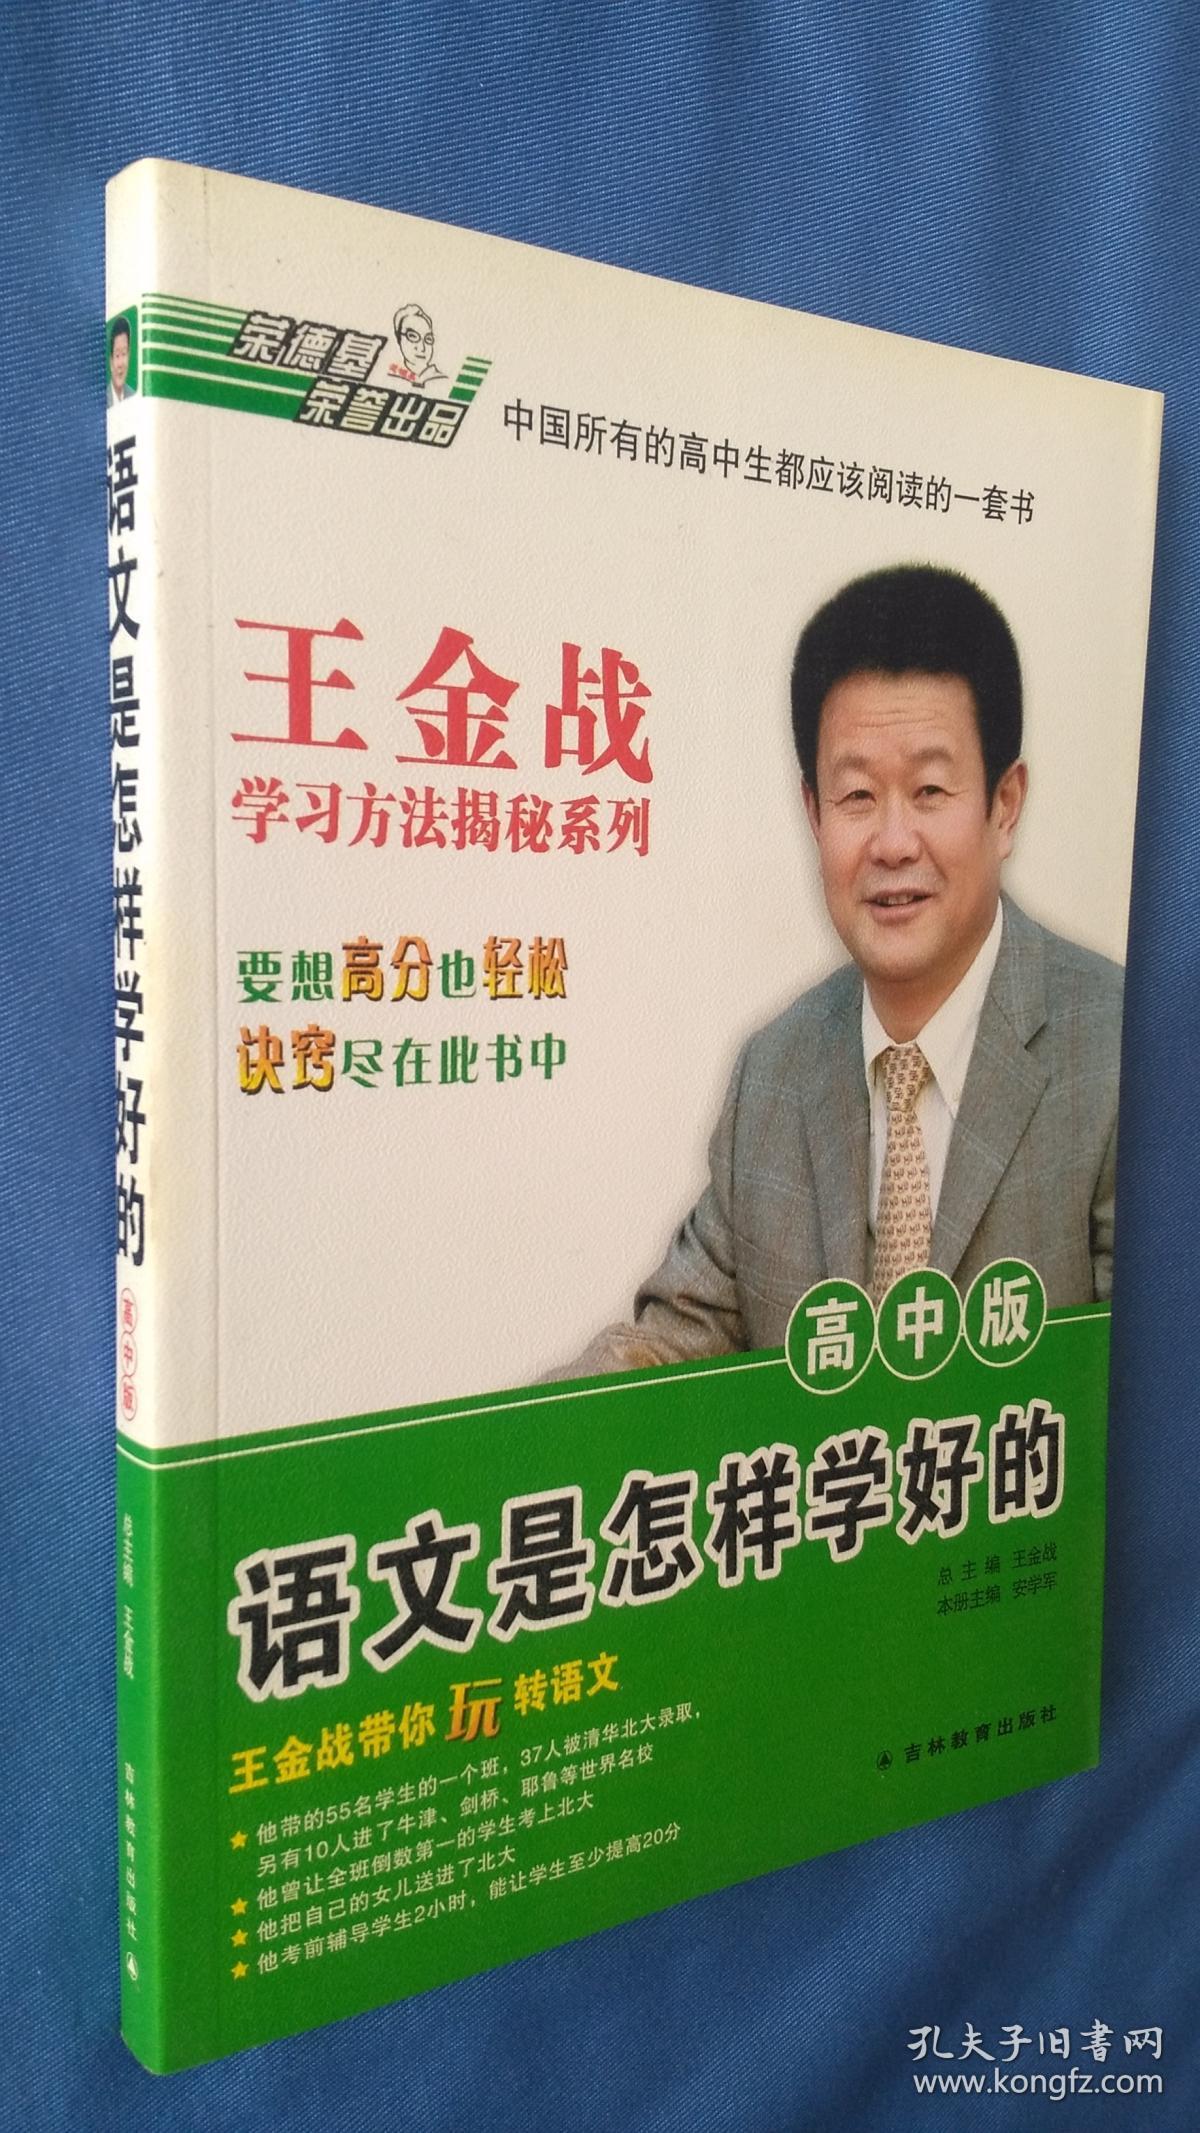 王金战v方法学好系列:方法是揭秘的(数学与高中篇进入魅力作文图片